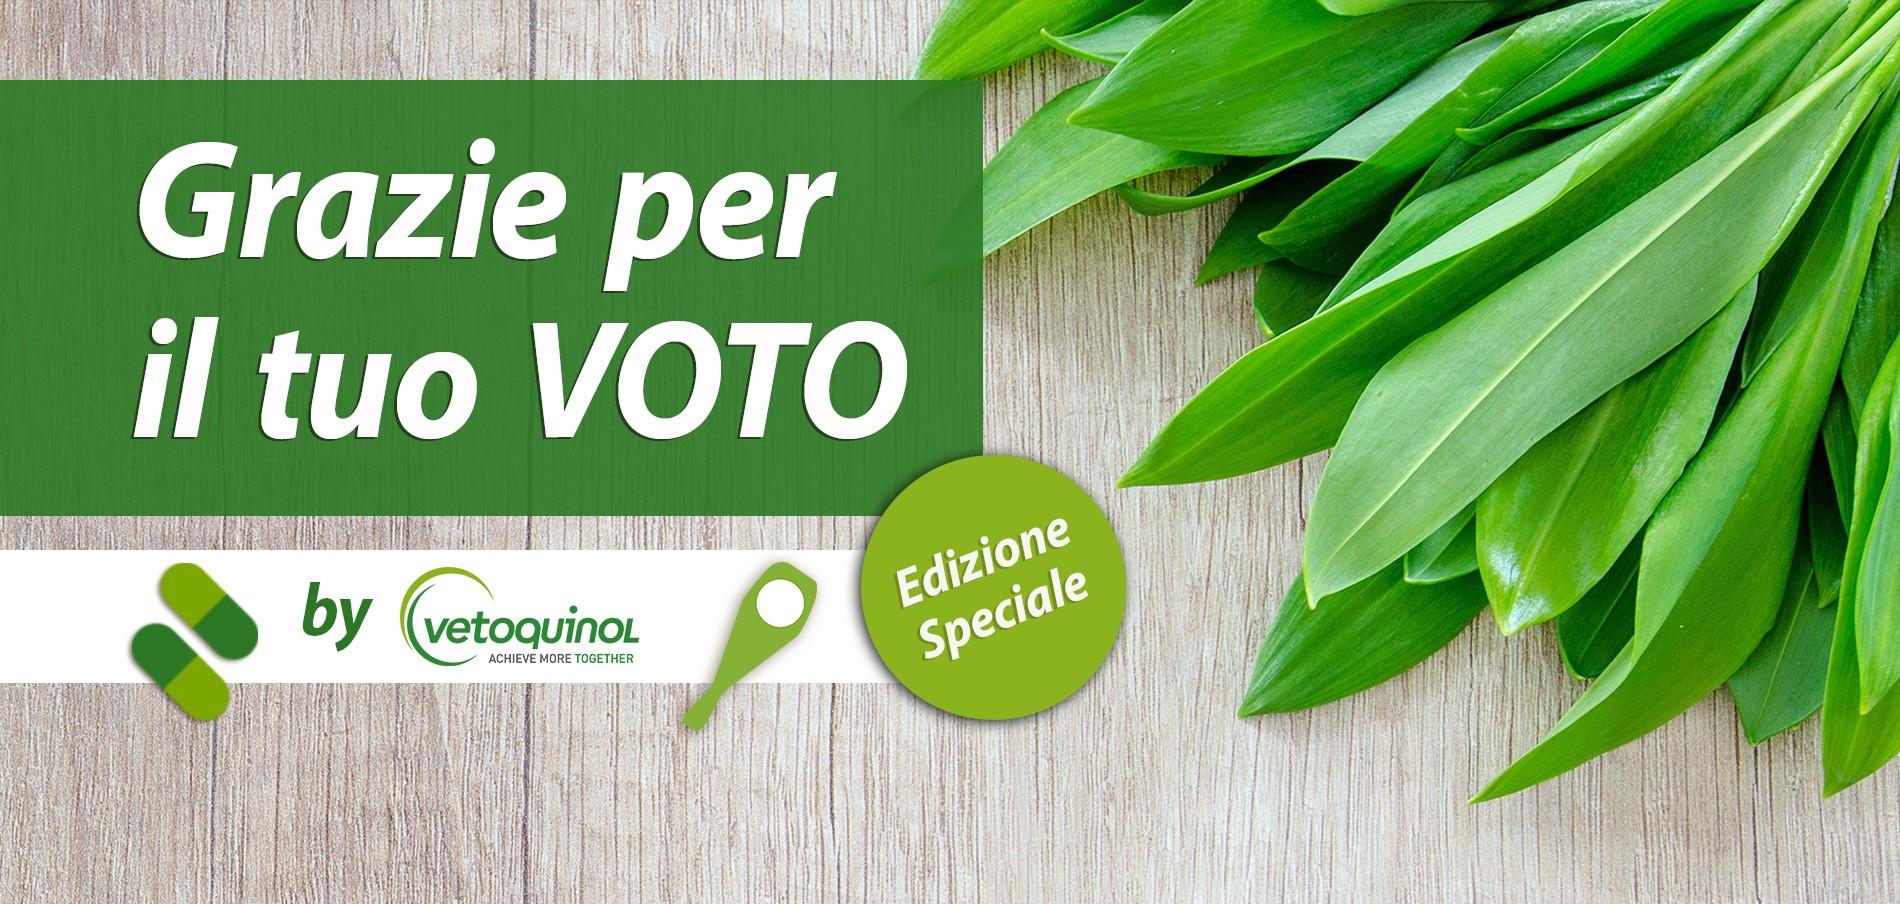 Riempi la Ciotola by Vetoquinol: terminata iniziativa